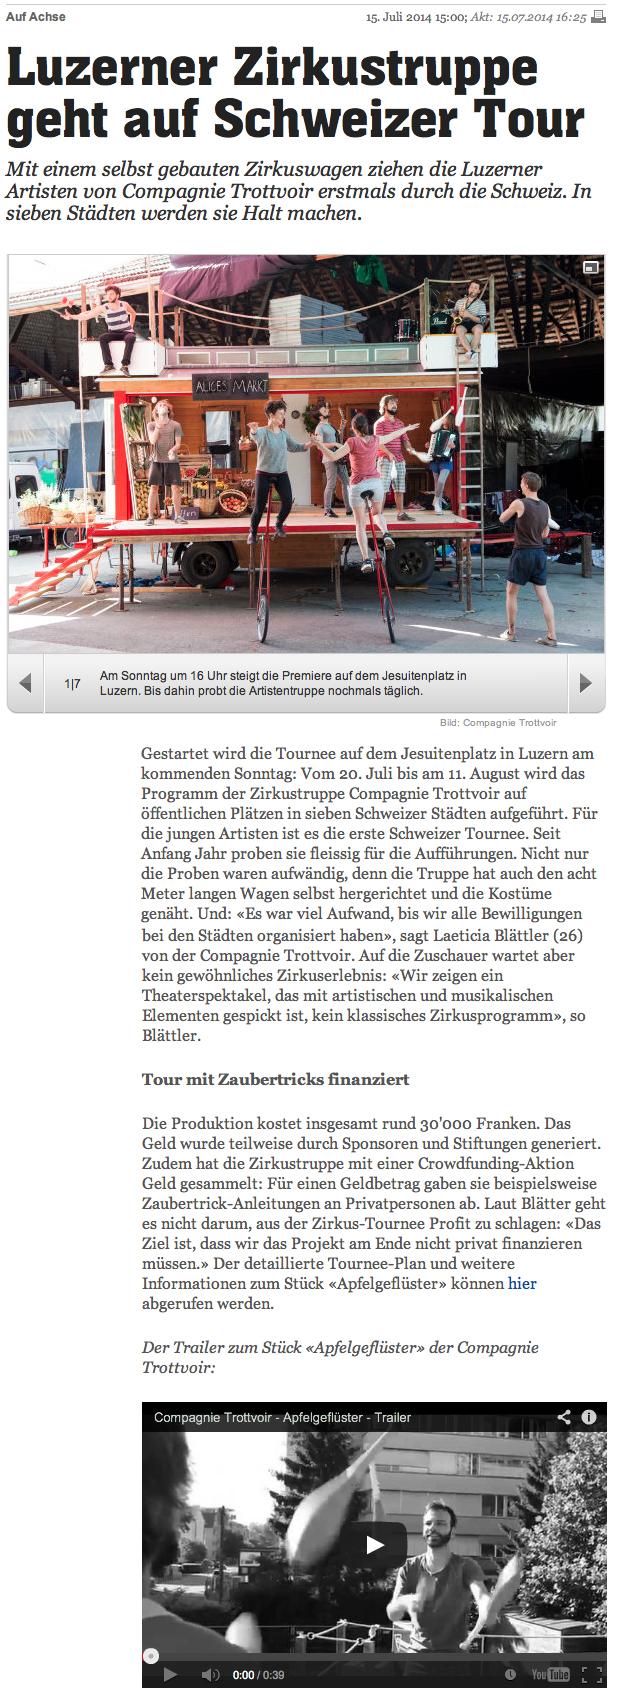 20+Minuten+-+Luzerner+Zirkustruppe+geht+auf+Schweizer+Tour+-+Zentralschweiz-1.jpg